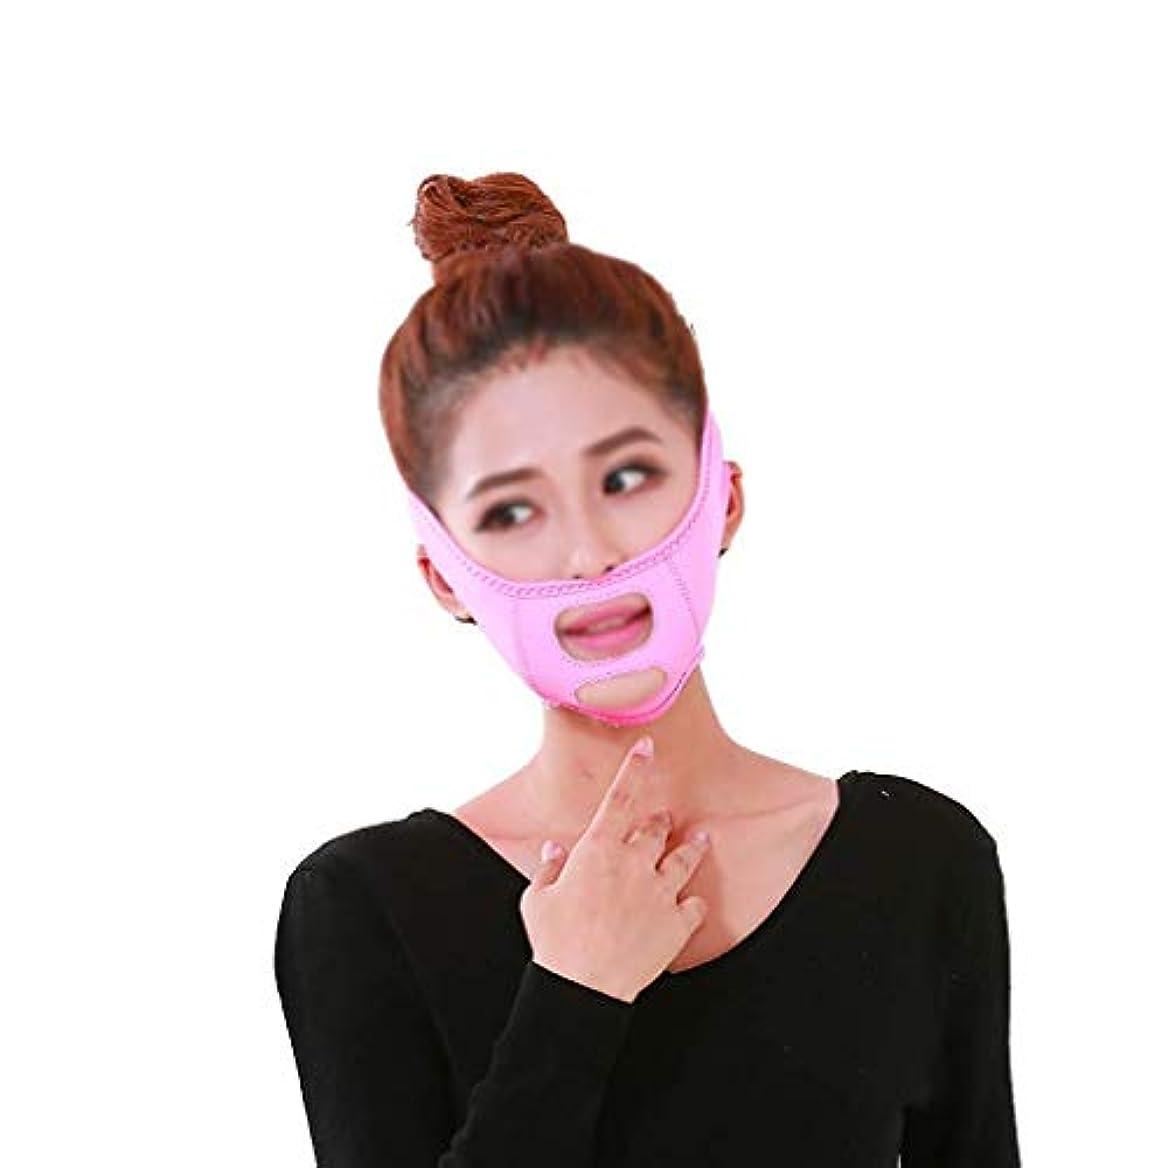 ハンバーガーグリル羨望フェイスリフトフェイシャル、フェイシャルマスクVフェイスマスクタイトで肌のリラクゼーションを防止Vフェイスアーティファクトフェイスリフトバンデージフェイスケア(色:青)